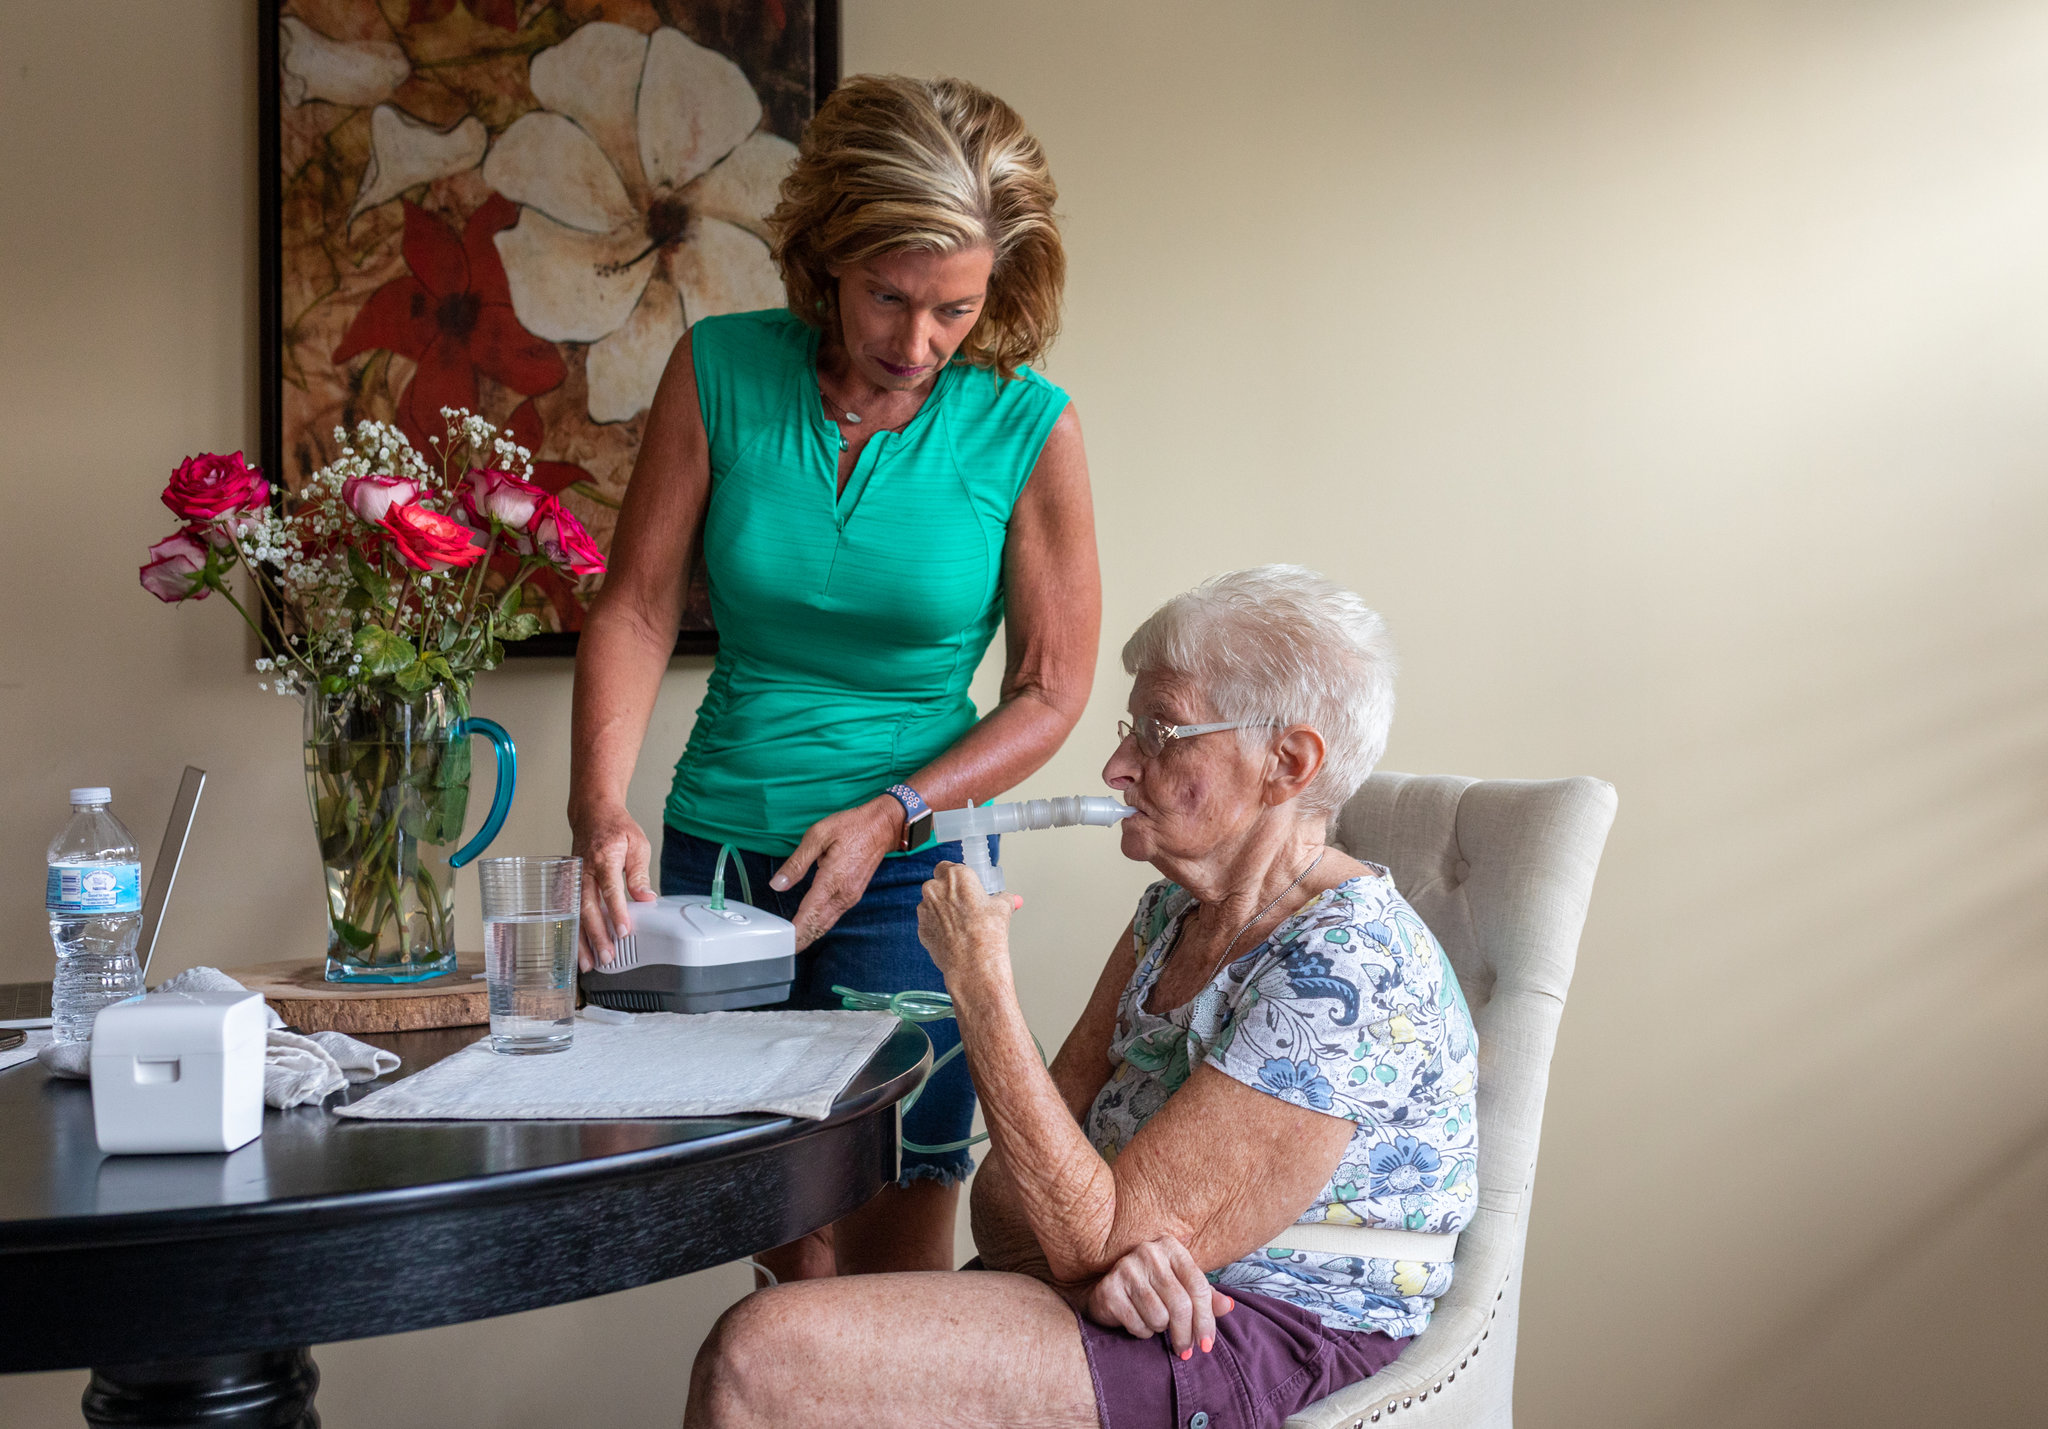 Pouvez-vous souscrire à une assurance vie pour vos parents malades?